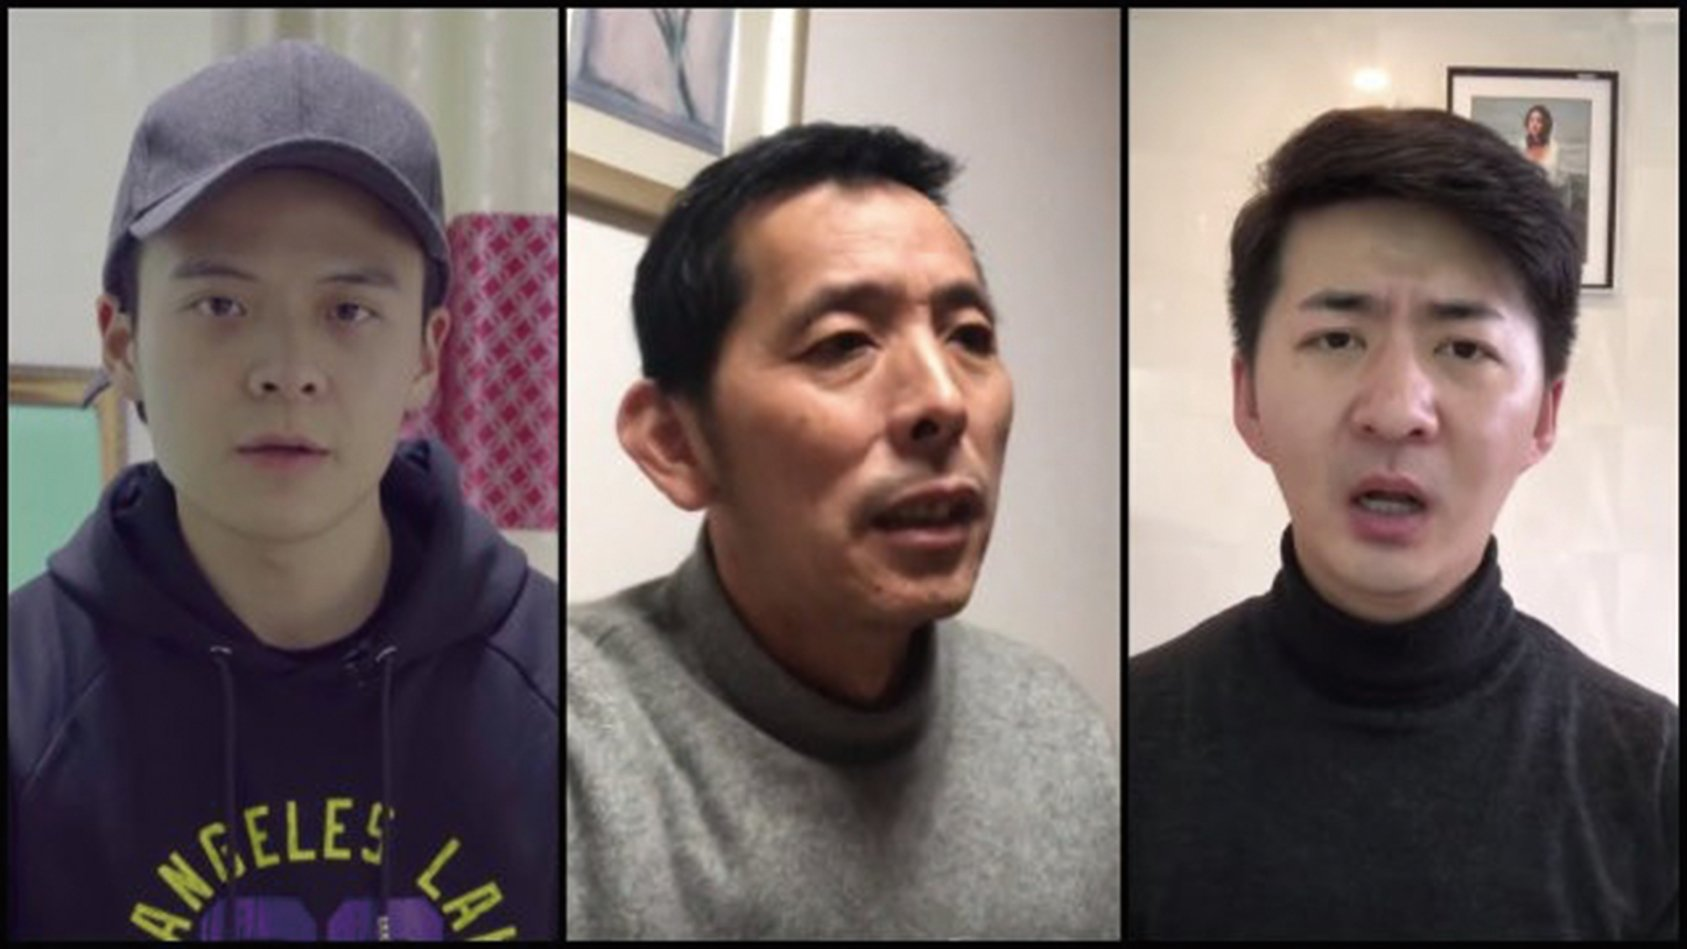 至今渺無音信的三位中國公民( 左起):李澤華、方斌、陳秋實。照片來源:《寒冬》雜誌